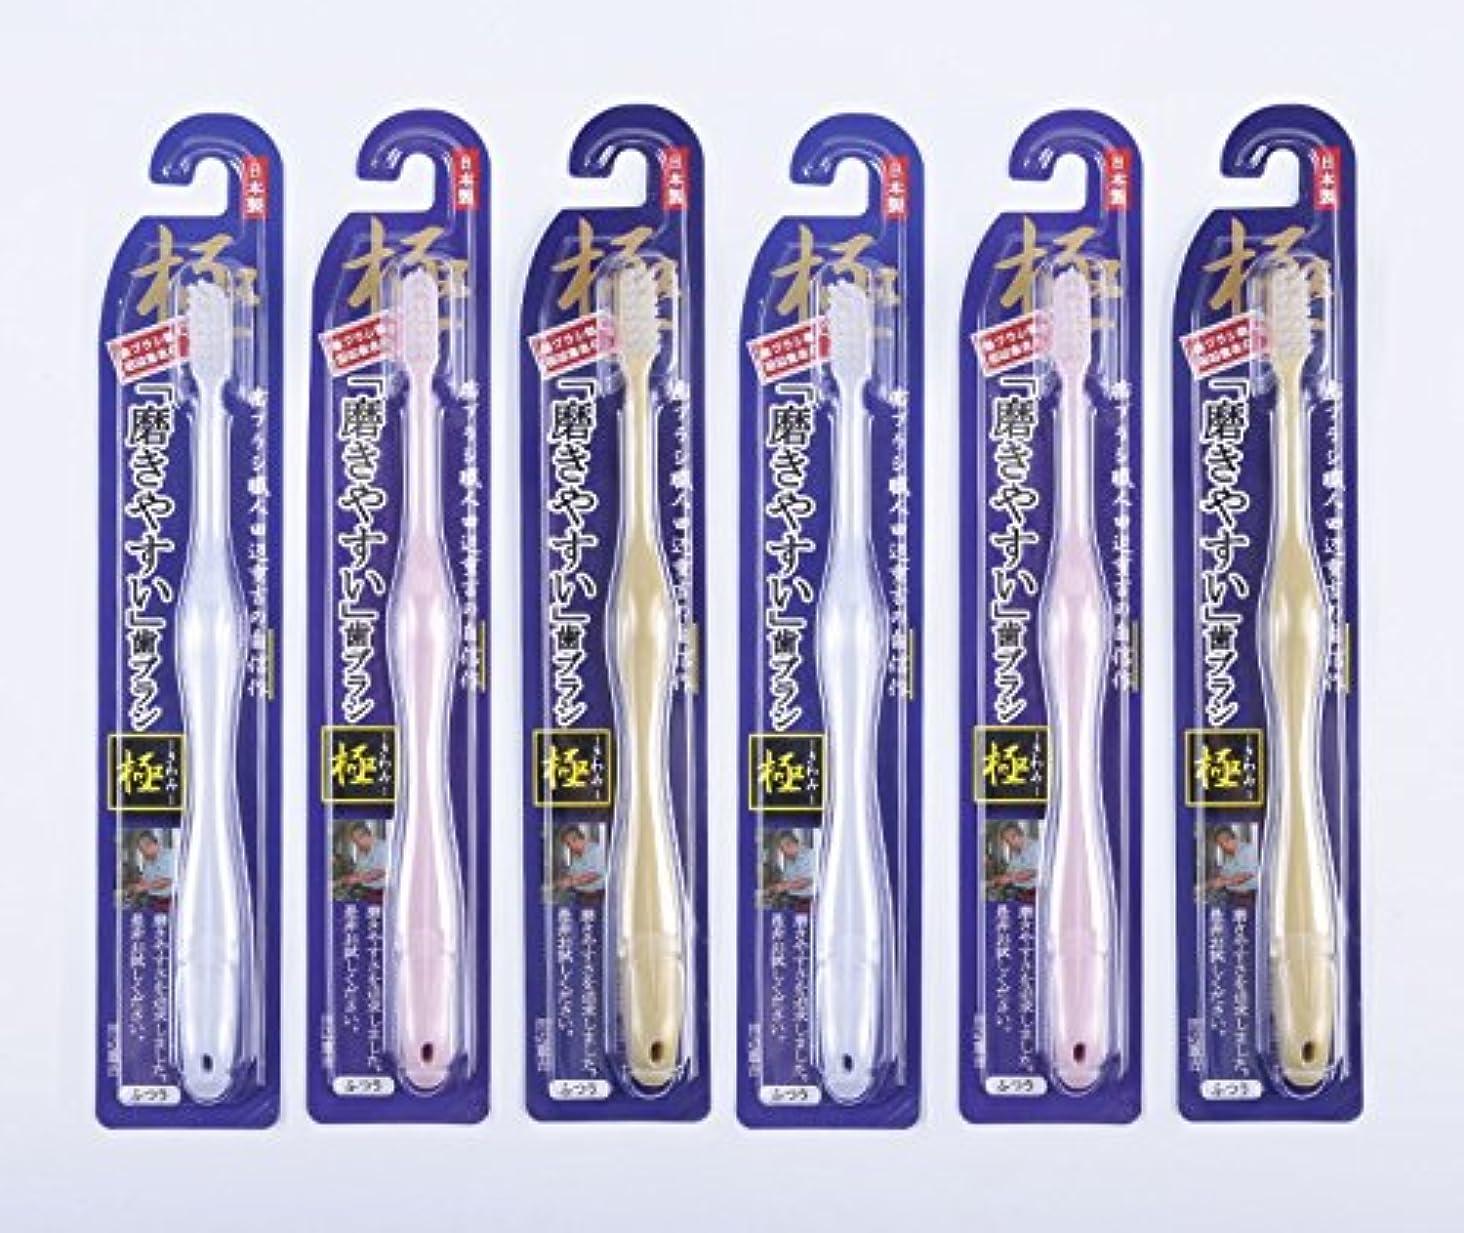 非アクティブモード生き残り歯ブラシ職人Artooth ® 田辺重吉の磨きやすい歯ブラシ 極 LT-09 (6本入)